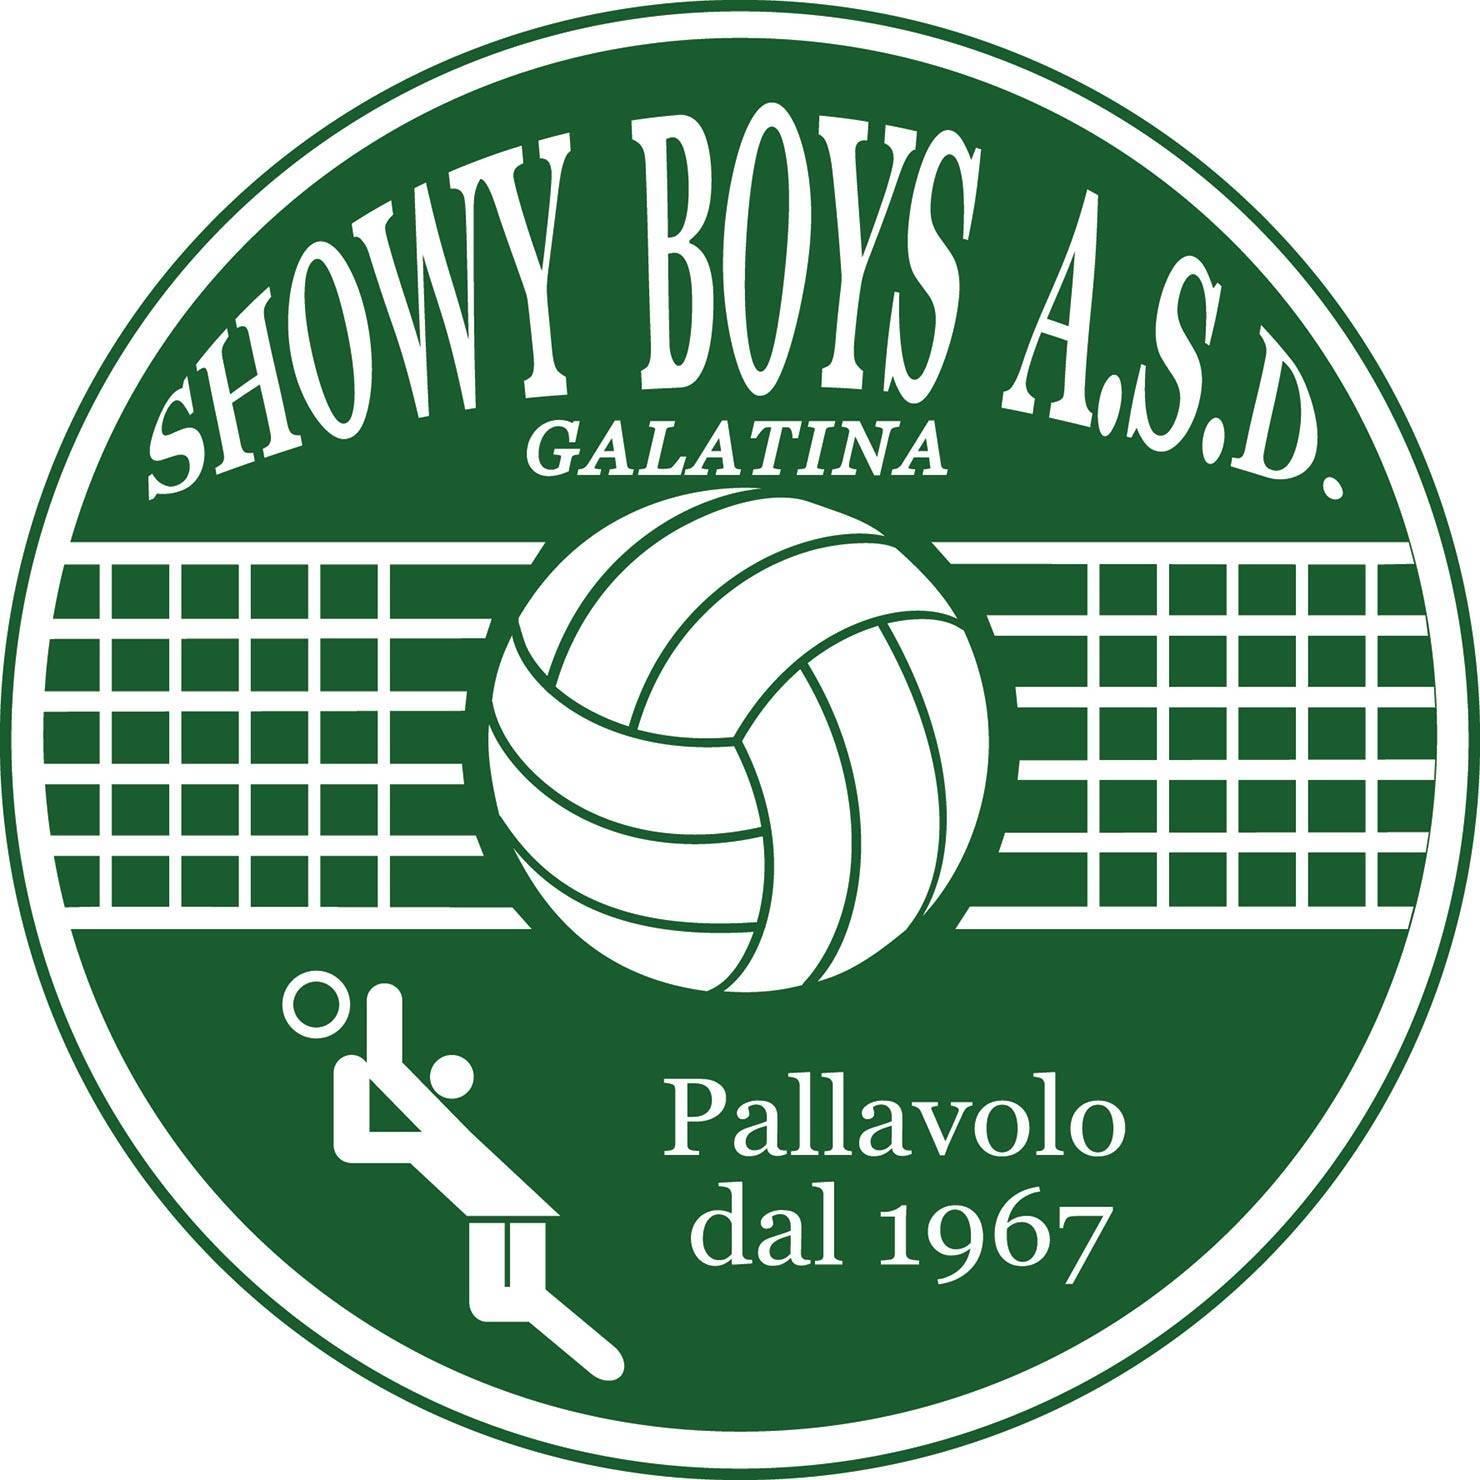 showy boys